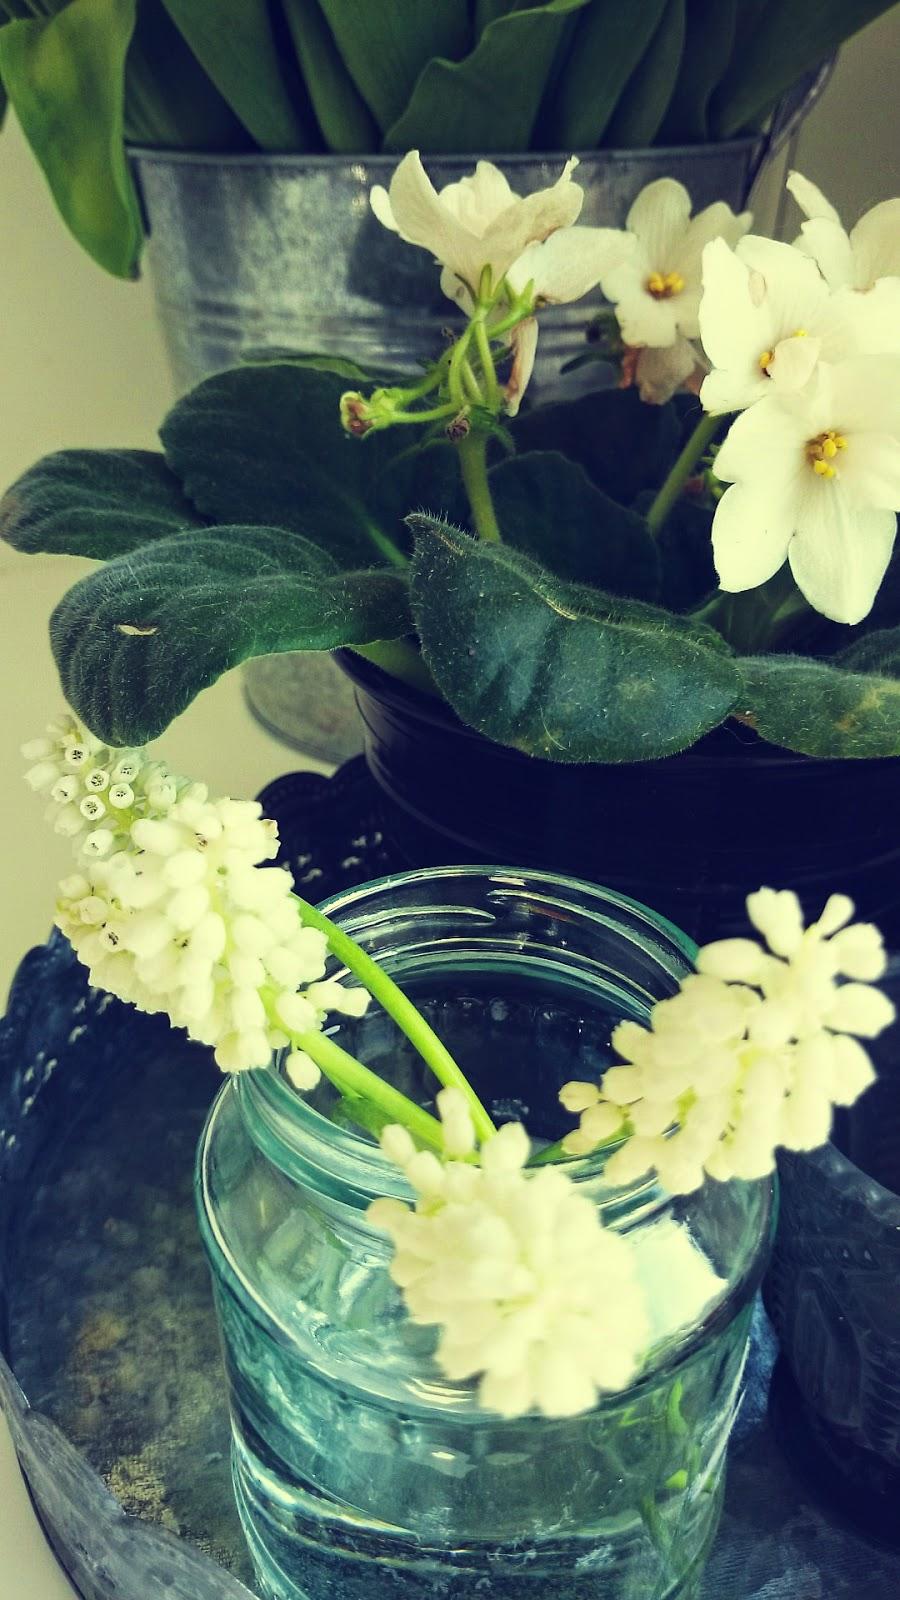 Szafirki w słoiku i fiołek biały w czarnej doniczce